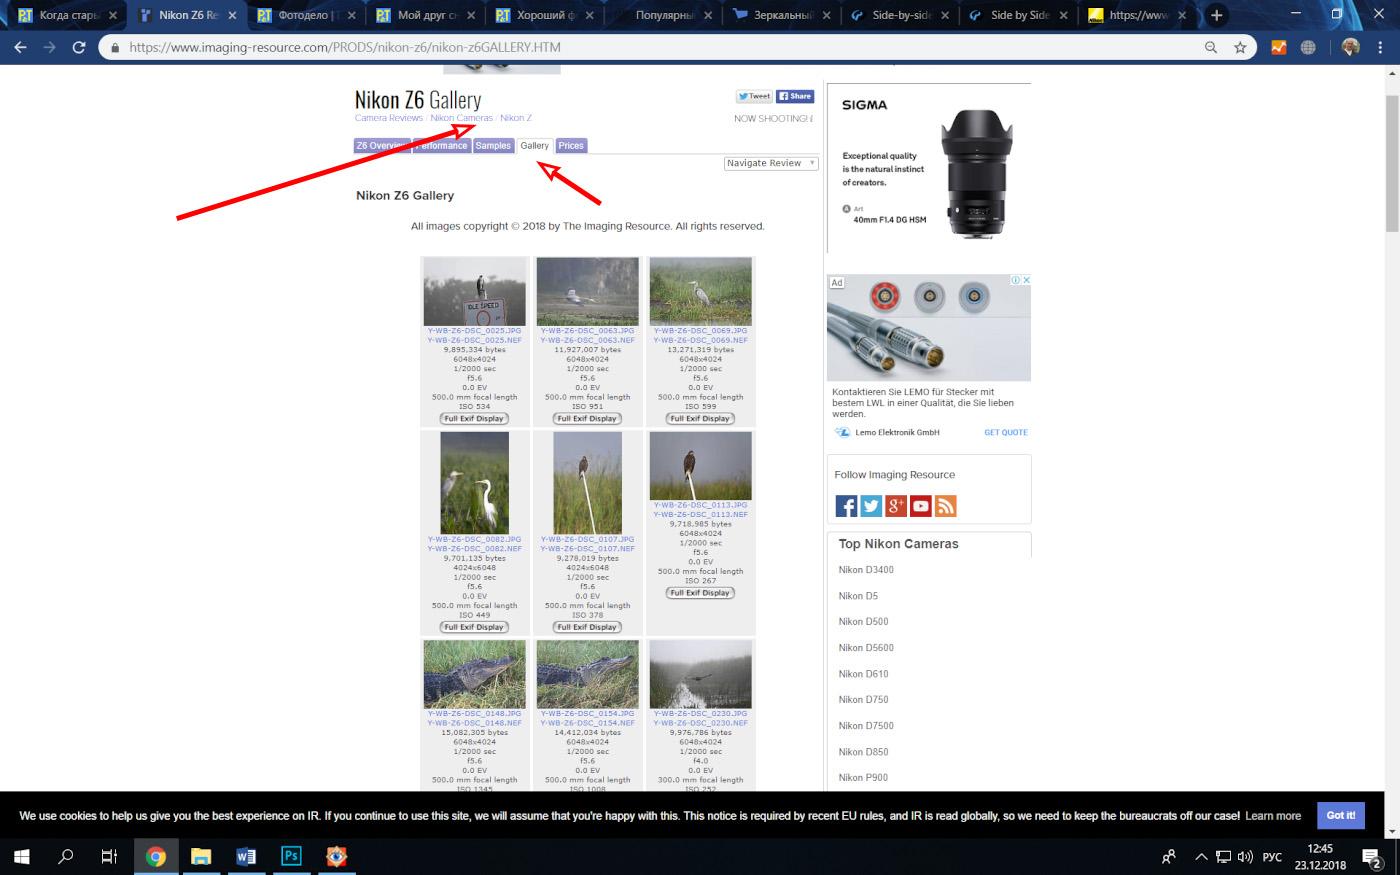 Фото 46. Где можно скачать RAW с камеры Nikon Z6, Nikon Z7, Nikon D750, D810, D850 и D5? На сайте Imaging Resource есть NEF, снятые в различных ситуациях.